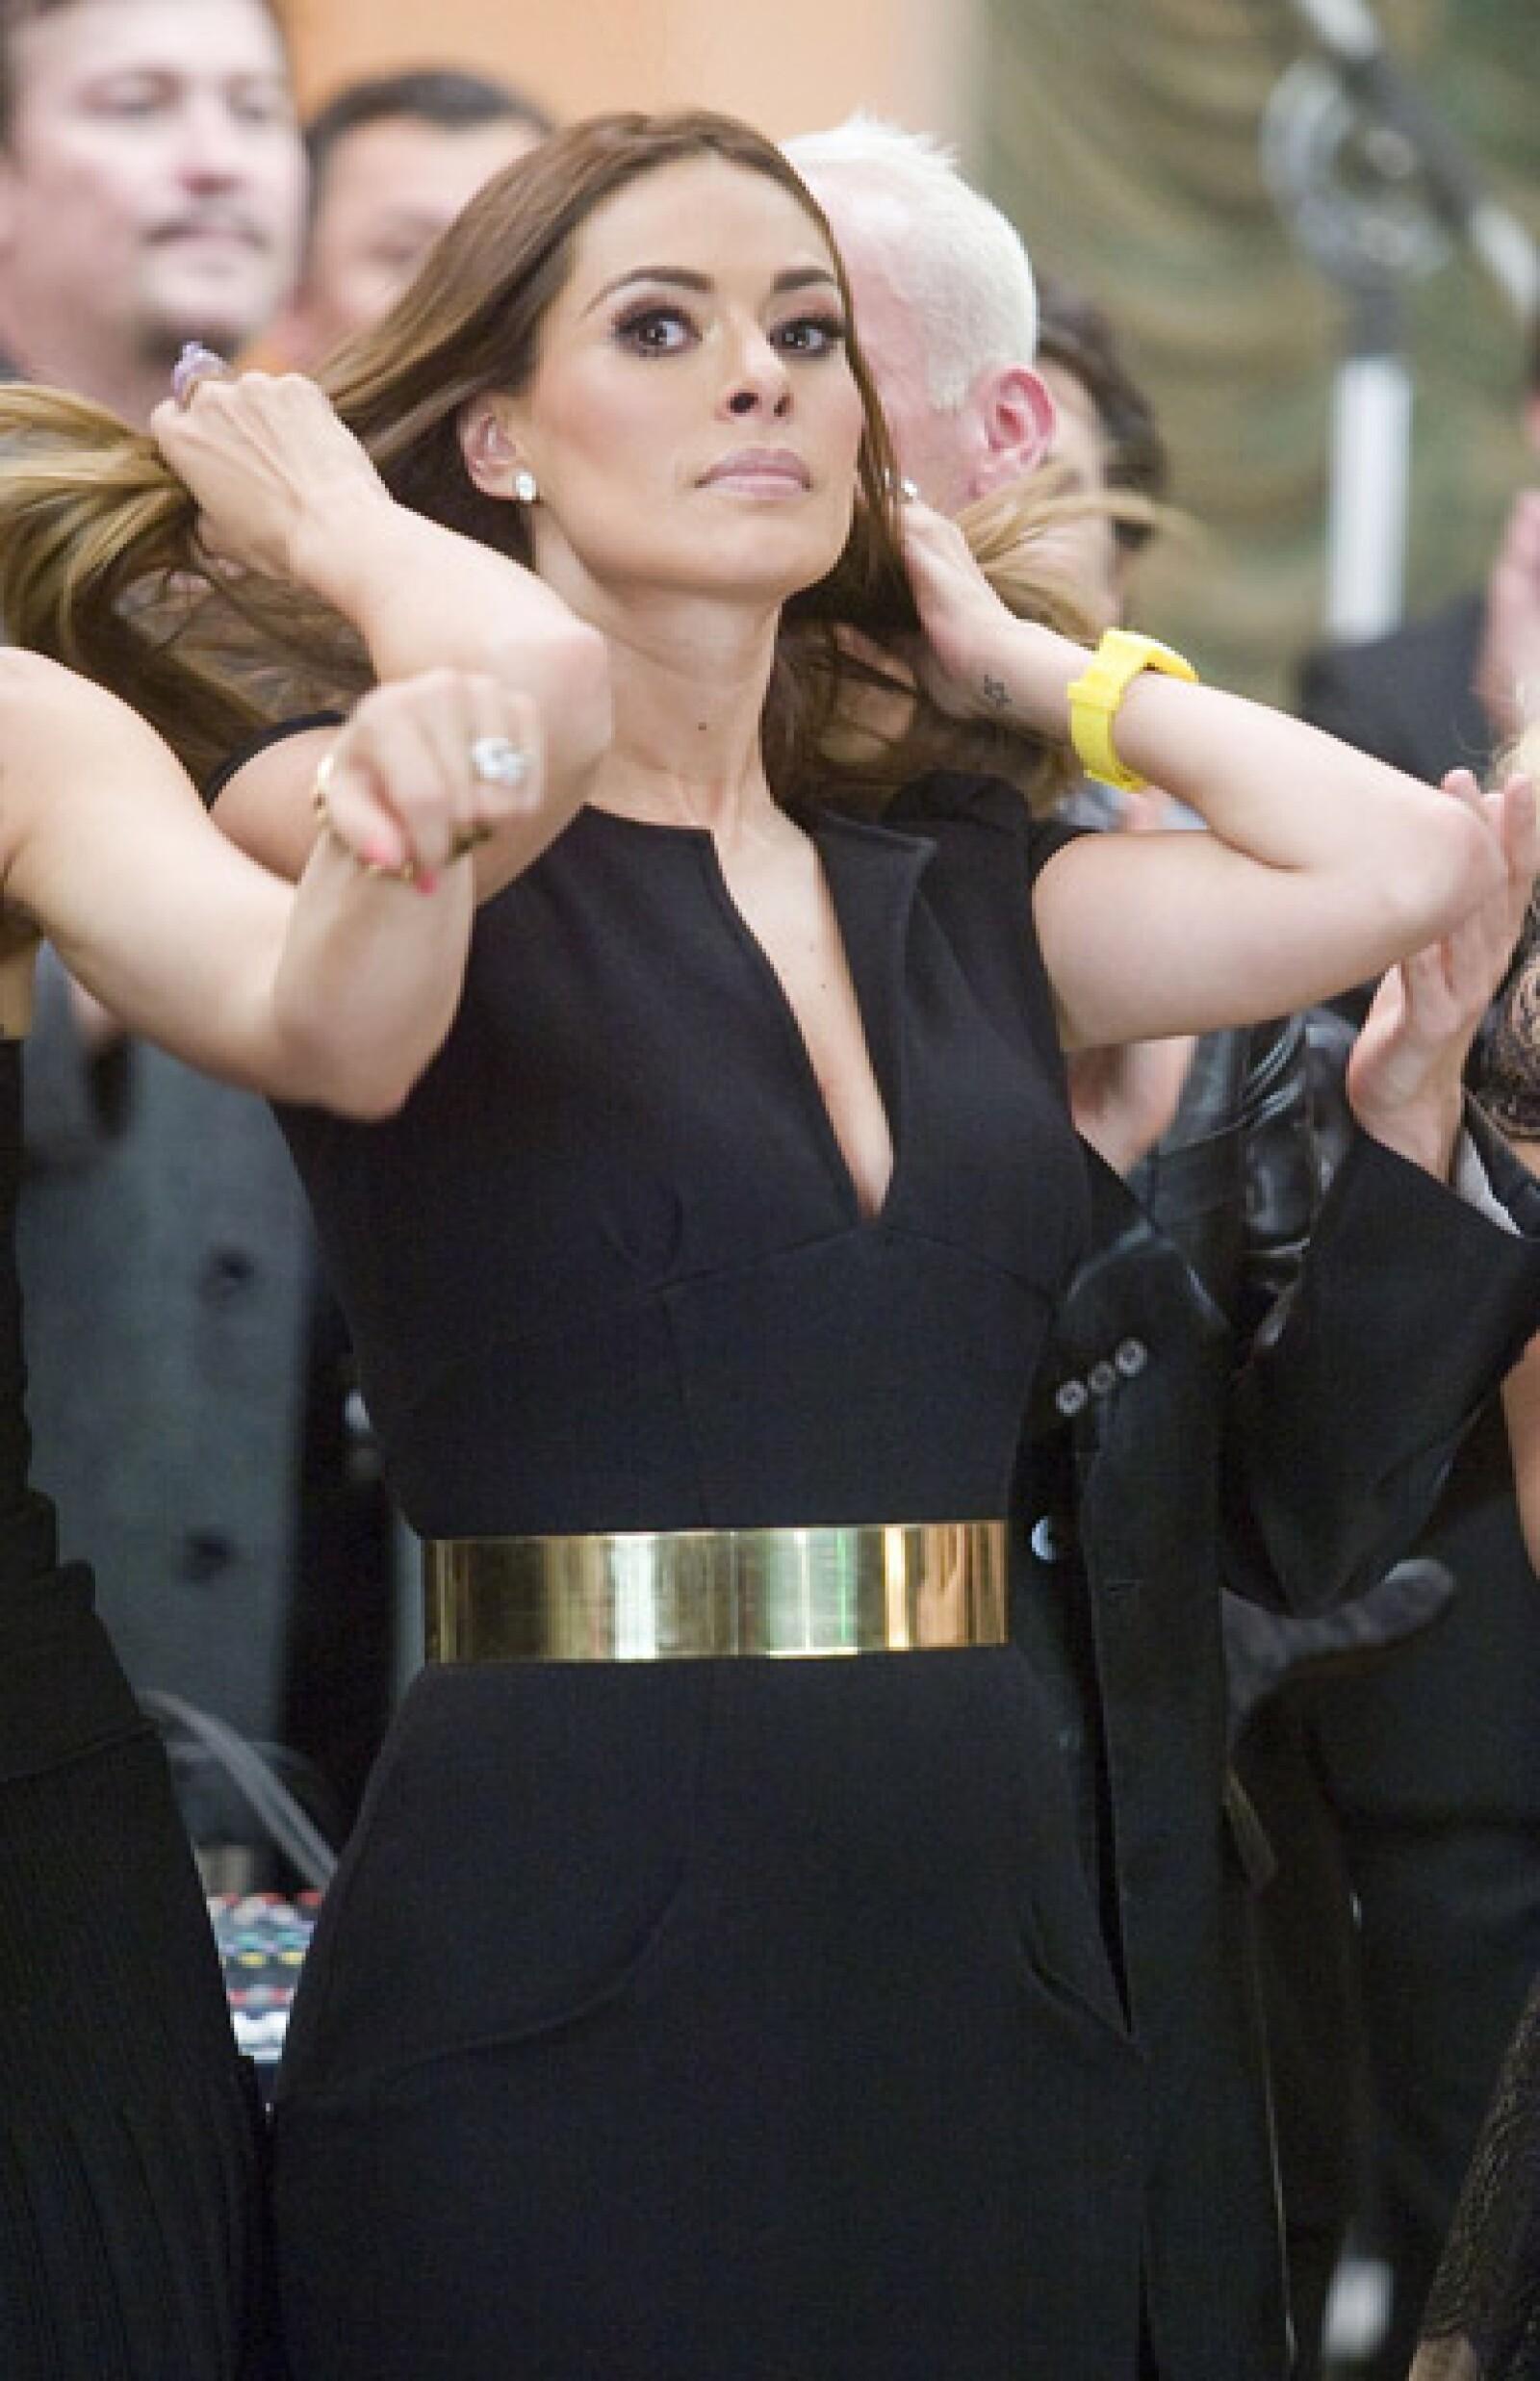 Galilea Montijo fue una de las conductoras que participaron en la grabación del video En tus manos.